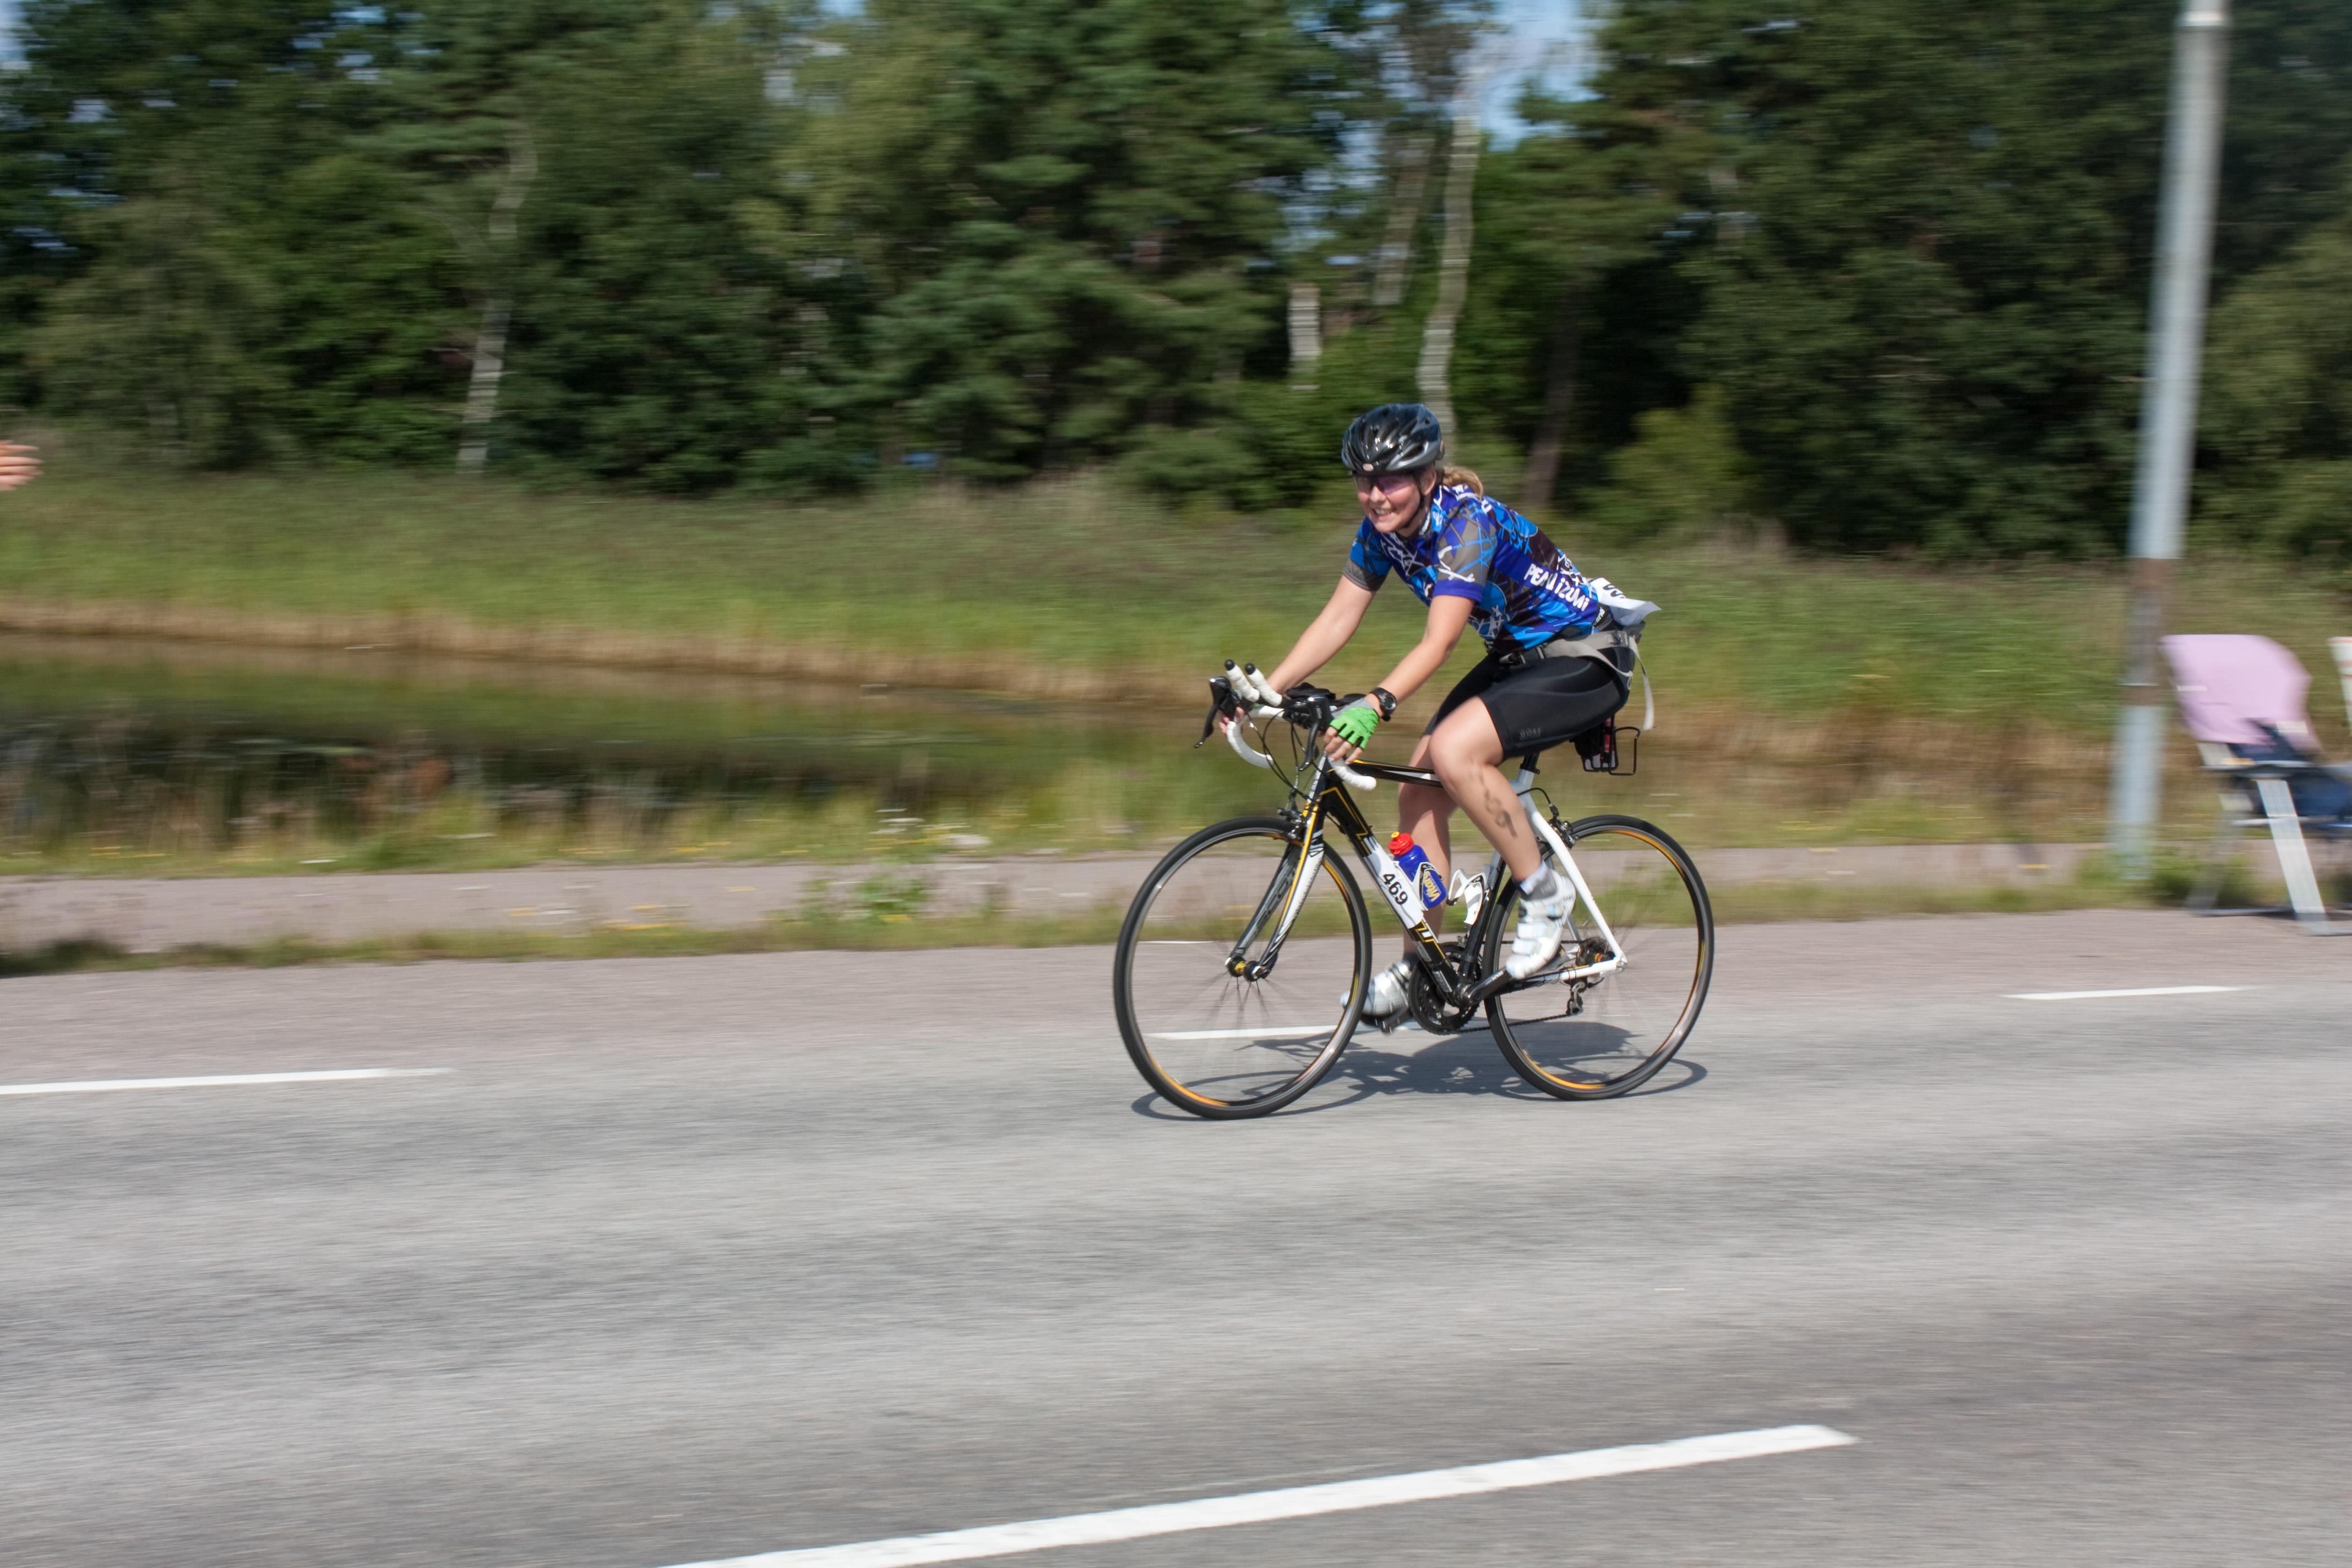 Första varvet på cykeln -check